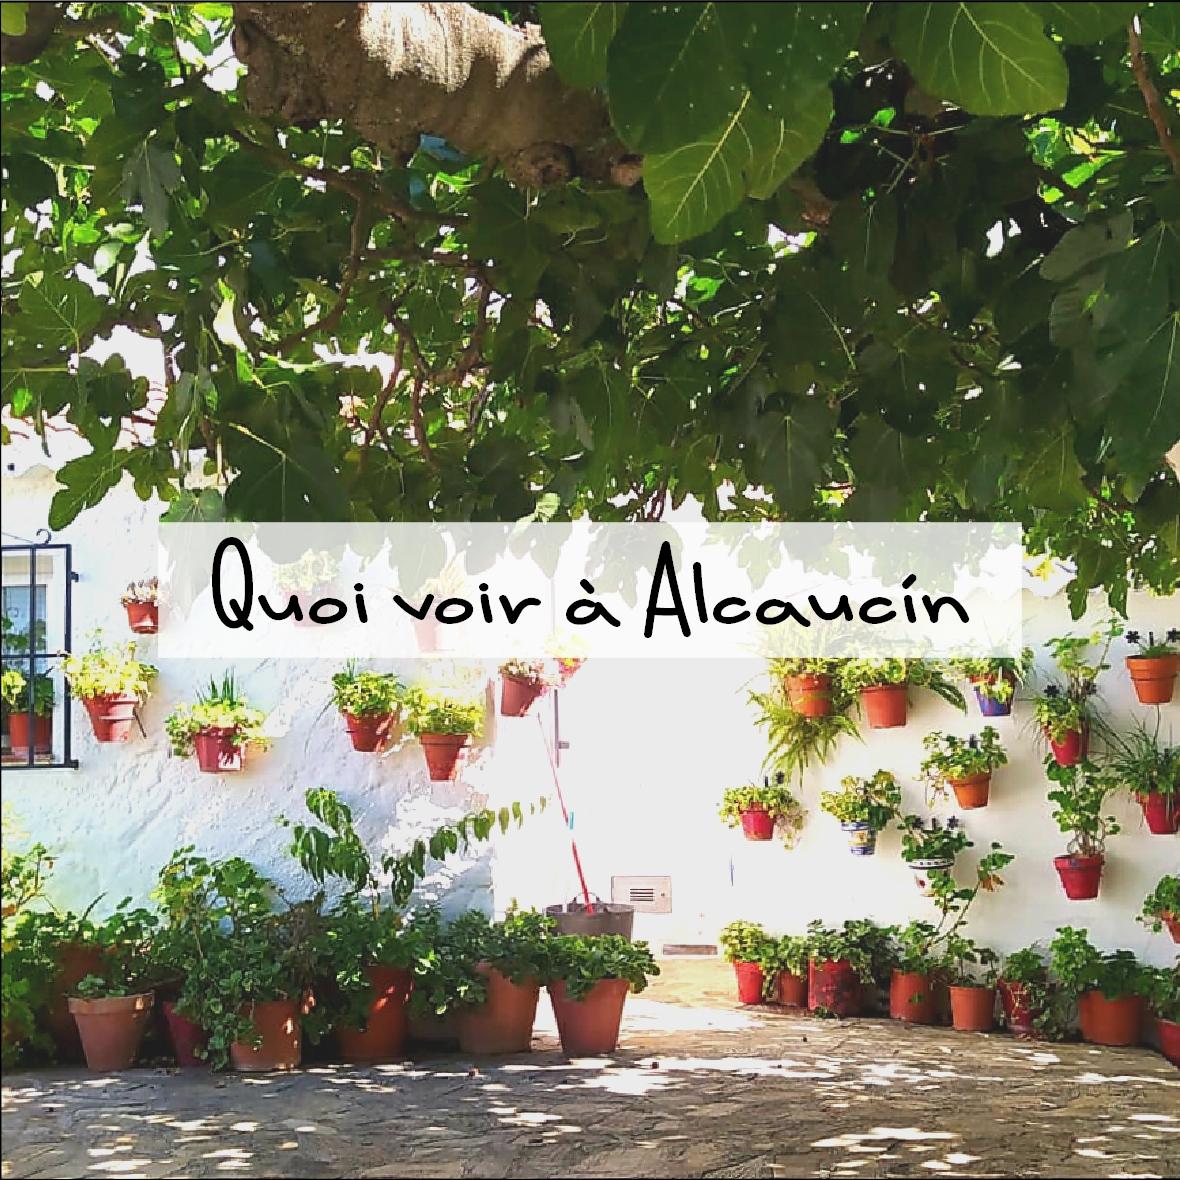 Quoi voir à Alcaucín